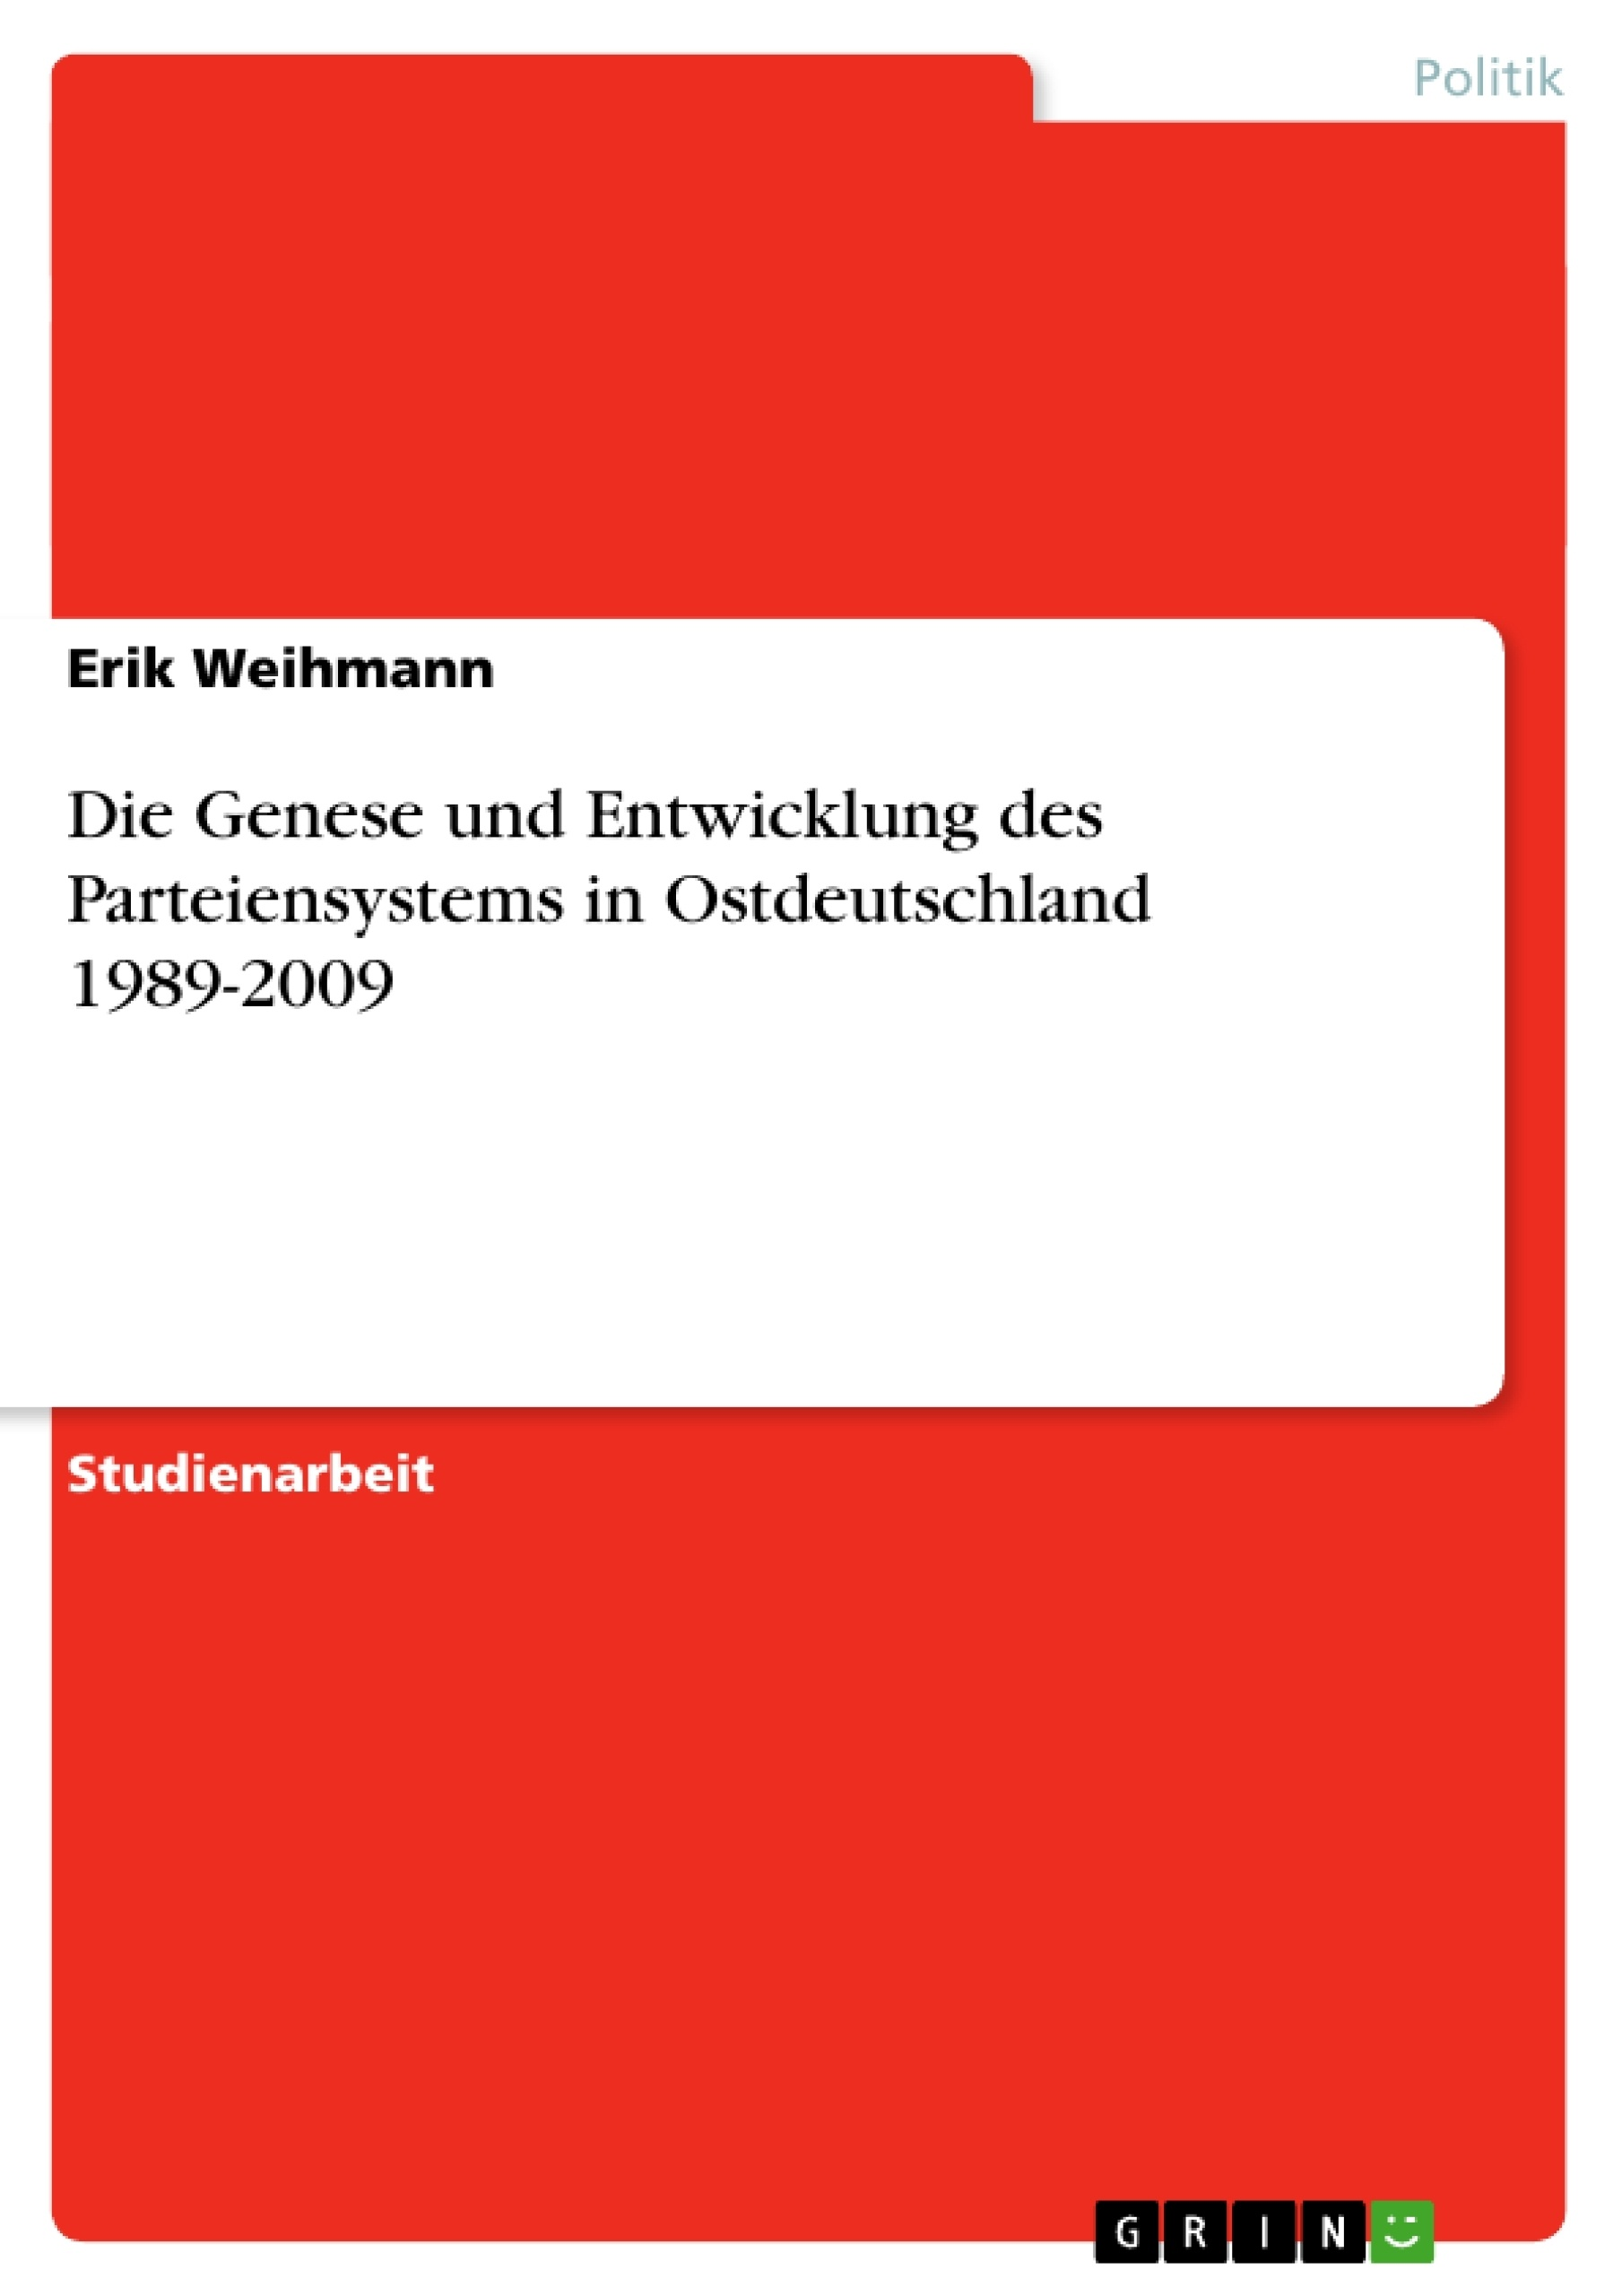 Titel: Die Genese und Entwicklung des Parteiensystems  in Ostdeutschland 1989-2009